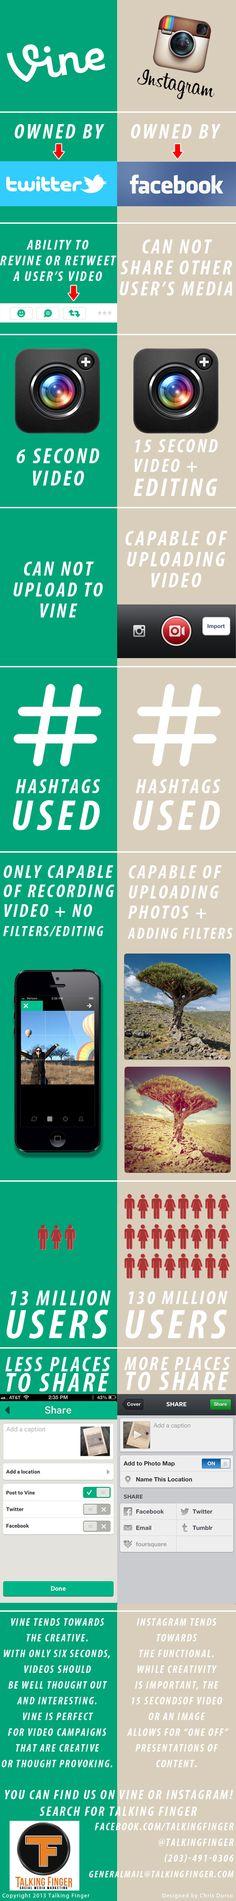 #Vine vs. #Instagram #infographic via @Talking Finger, social media marketing More Instagram tips at http://getonthemap.us/instagram/blog #573tips